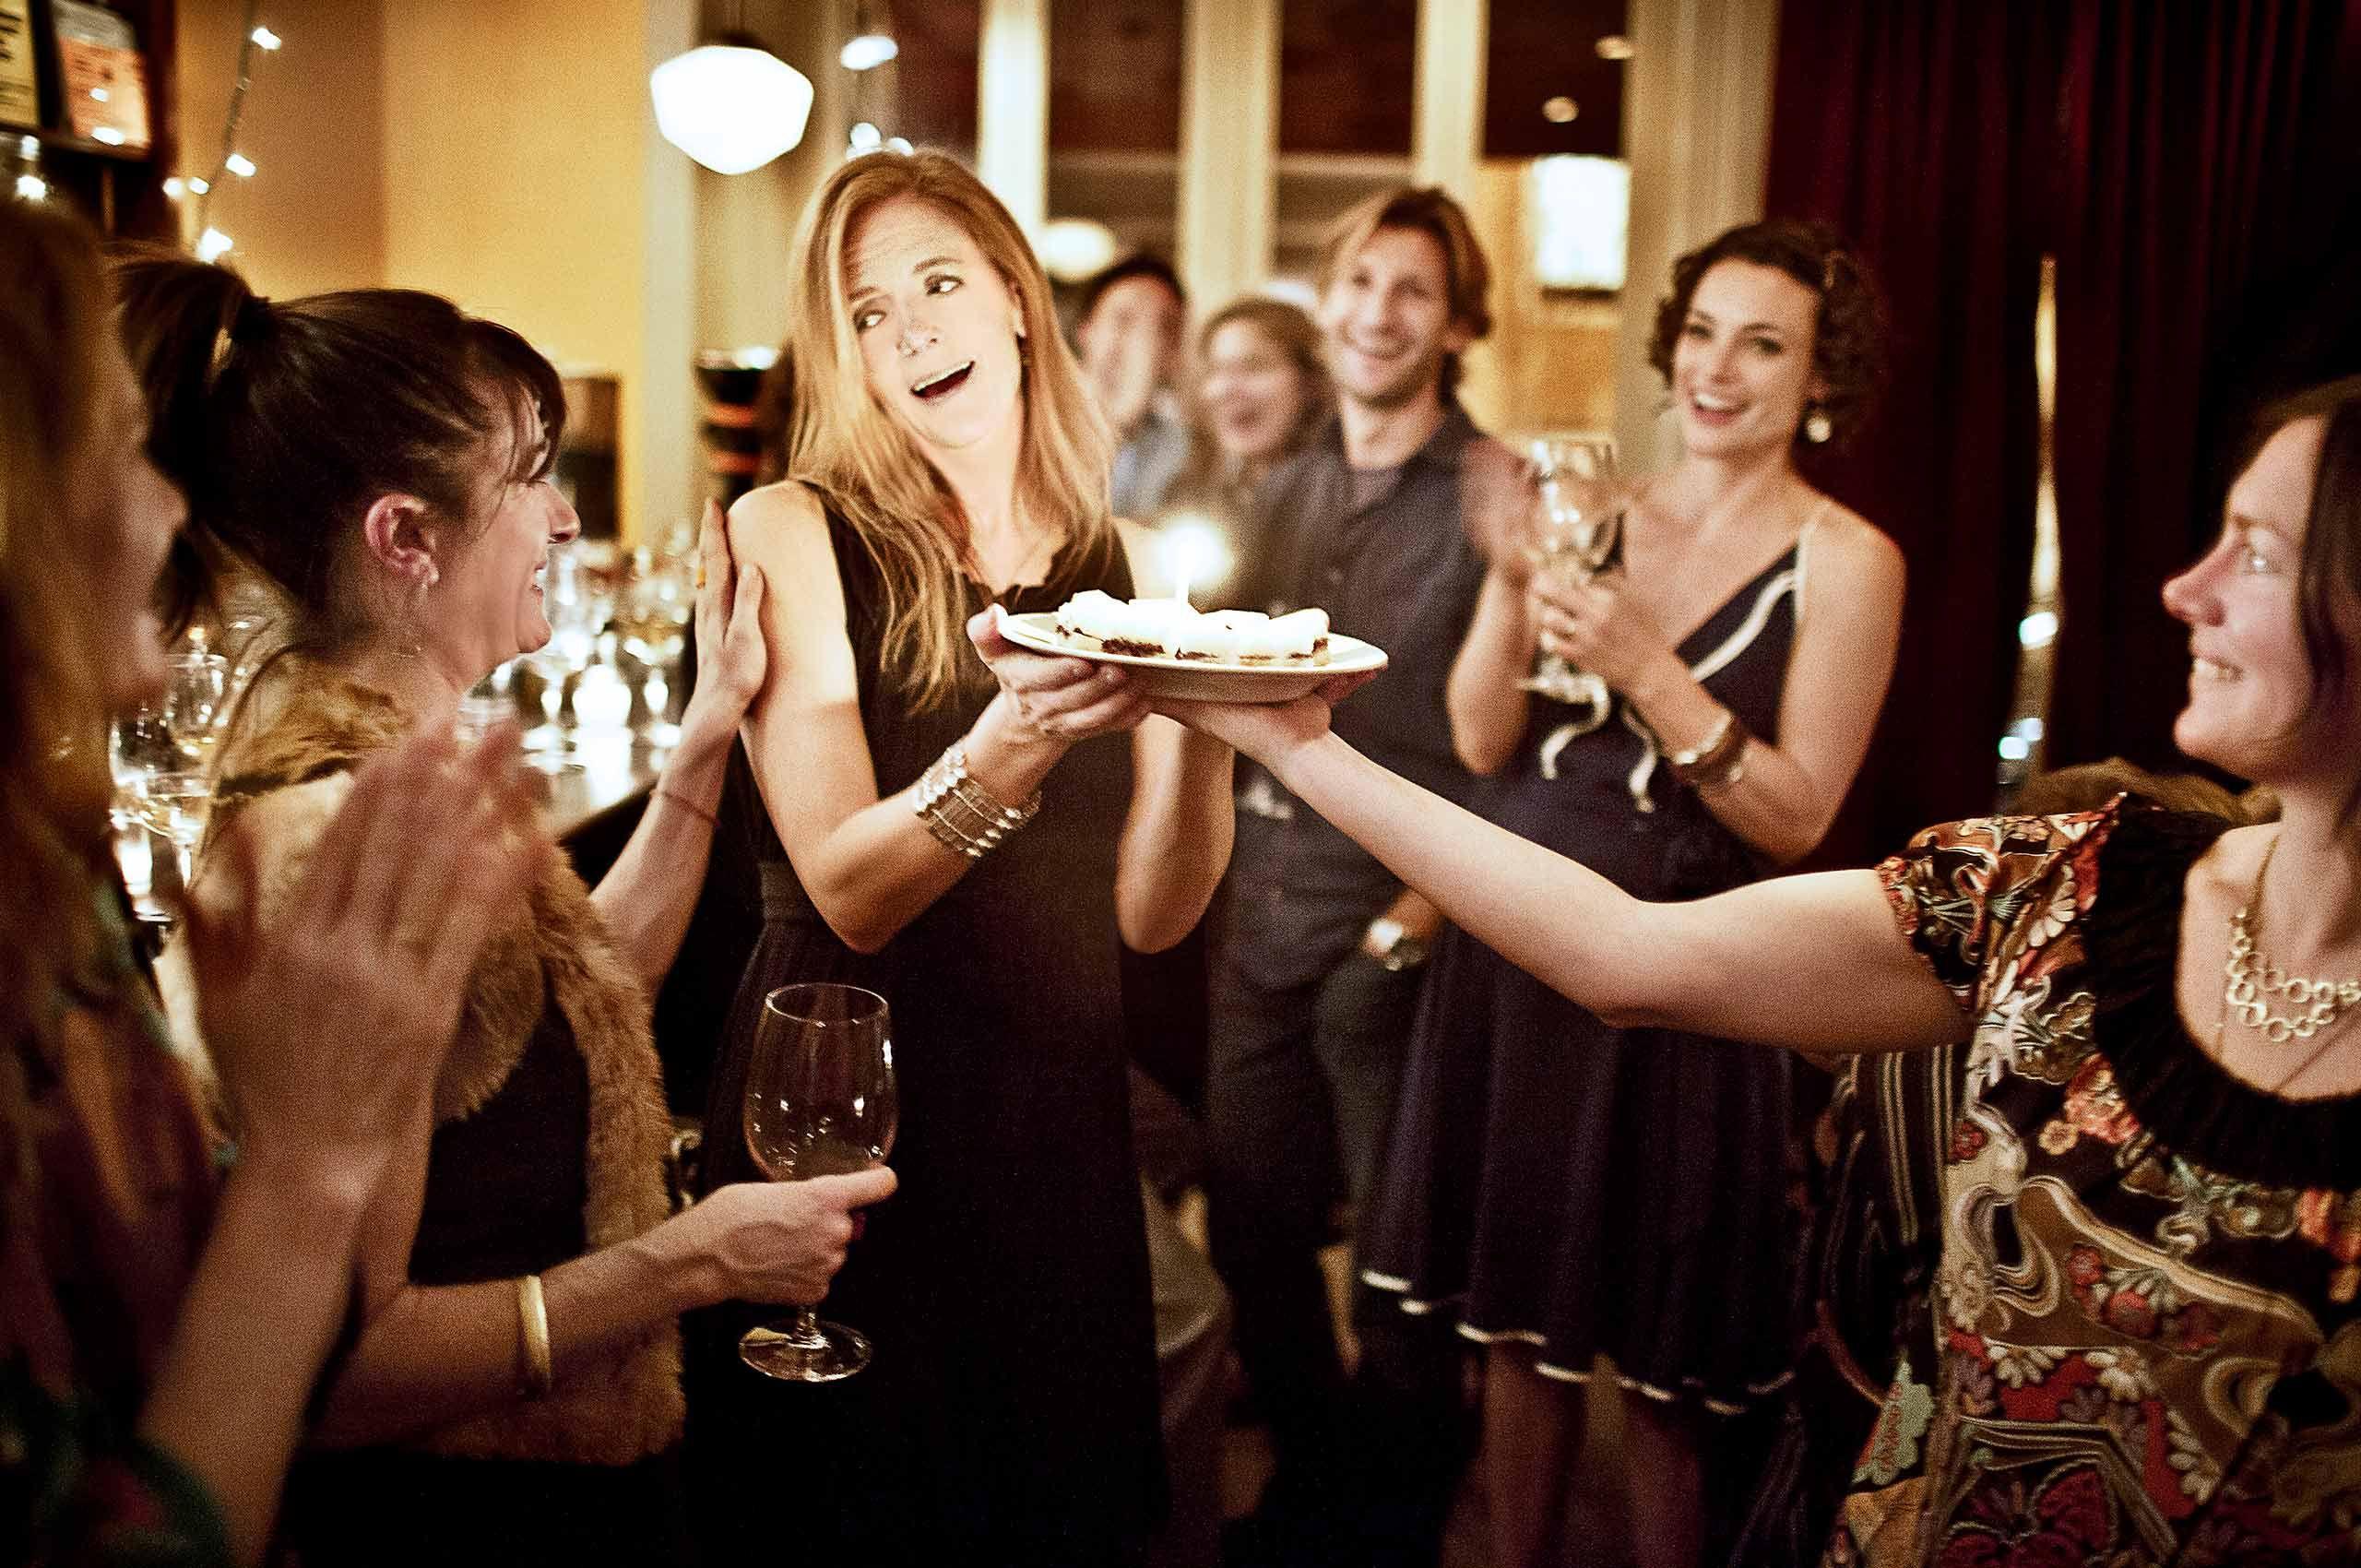 birthday-by-HenrikOlundPhotography.jpg